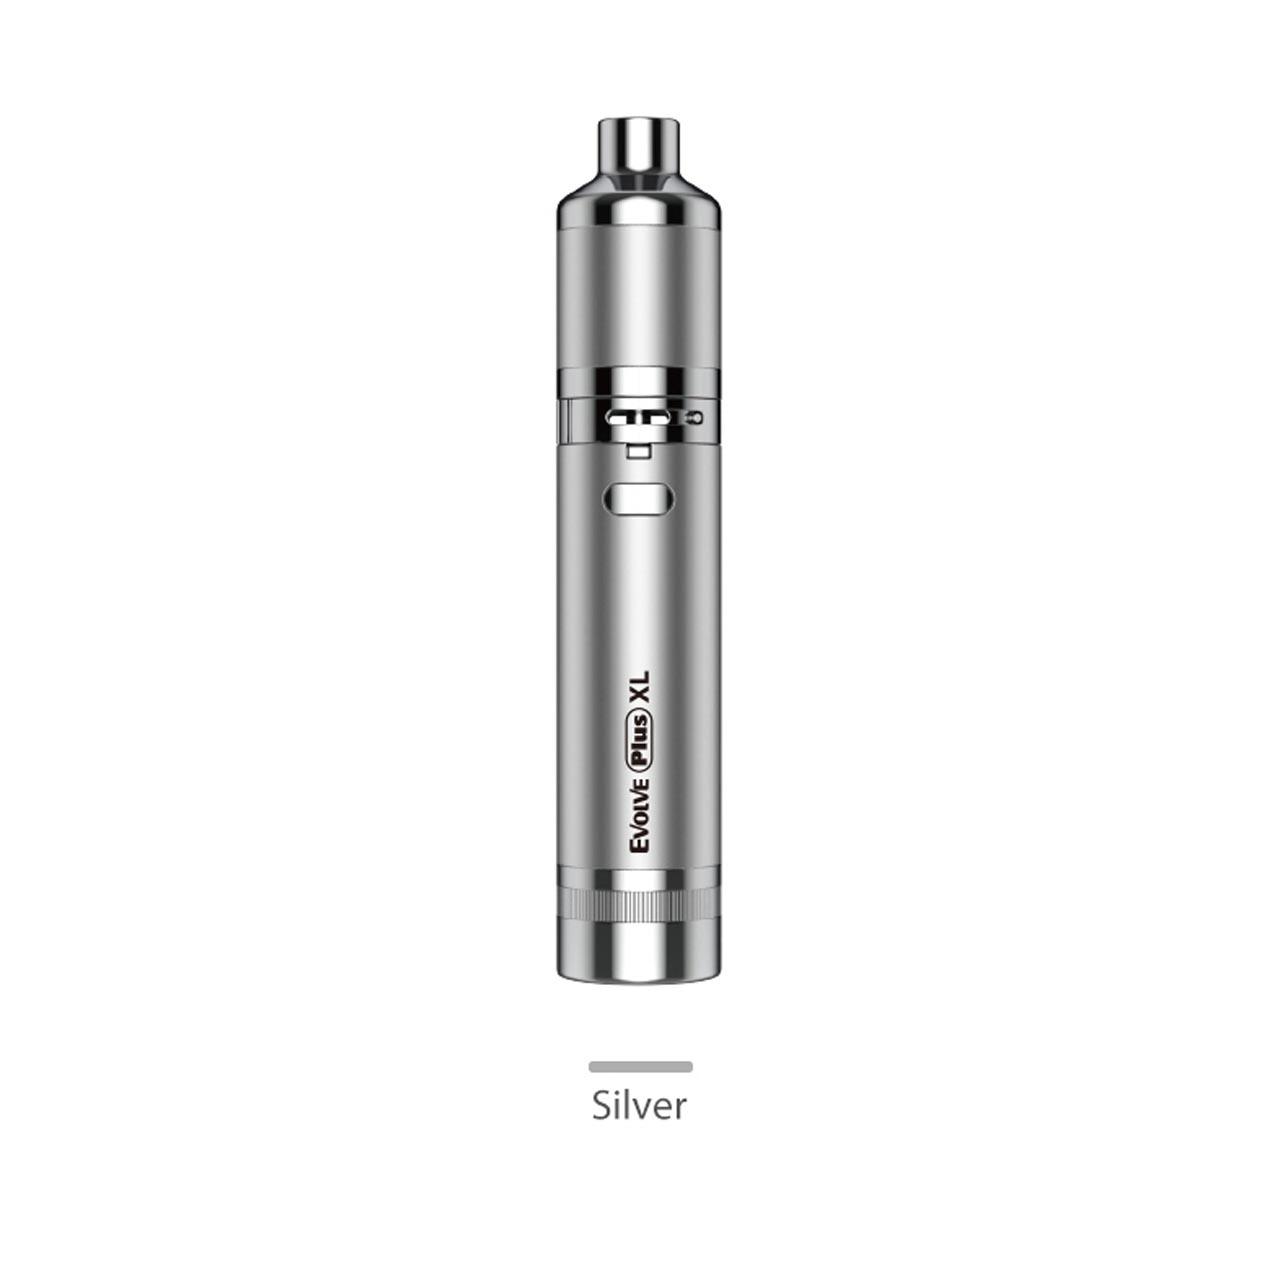 Yocan Evolve Plus XL 2020 Version Kit Silver